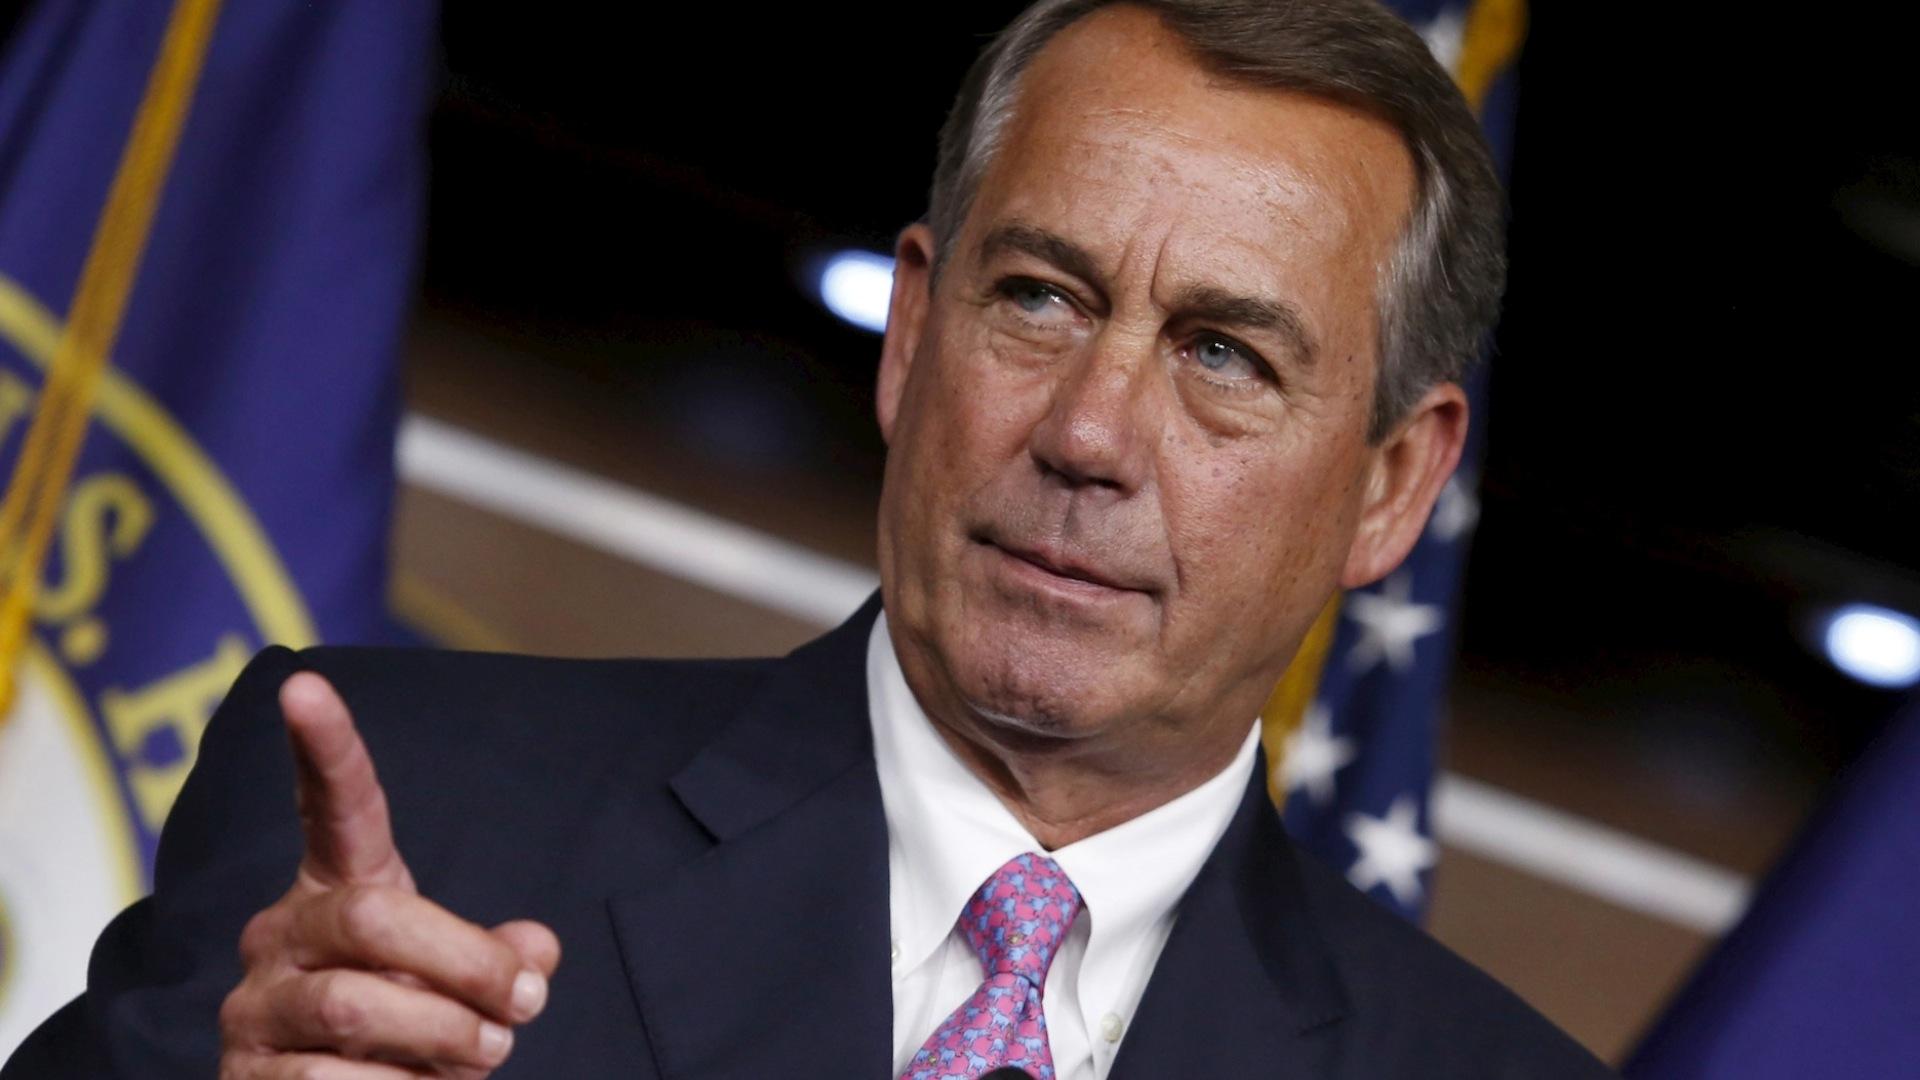 House Speaker John Boehner to resign at end of October